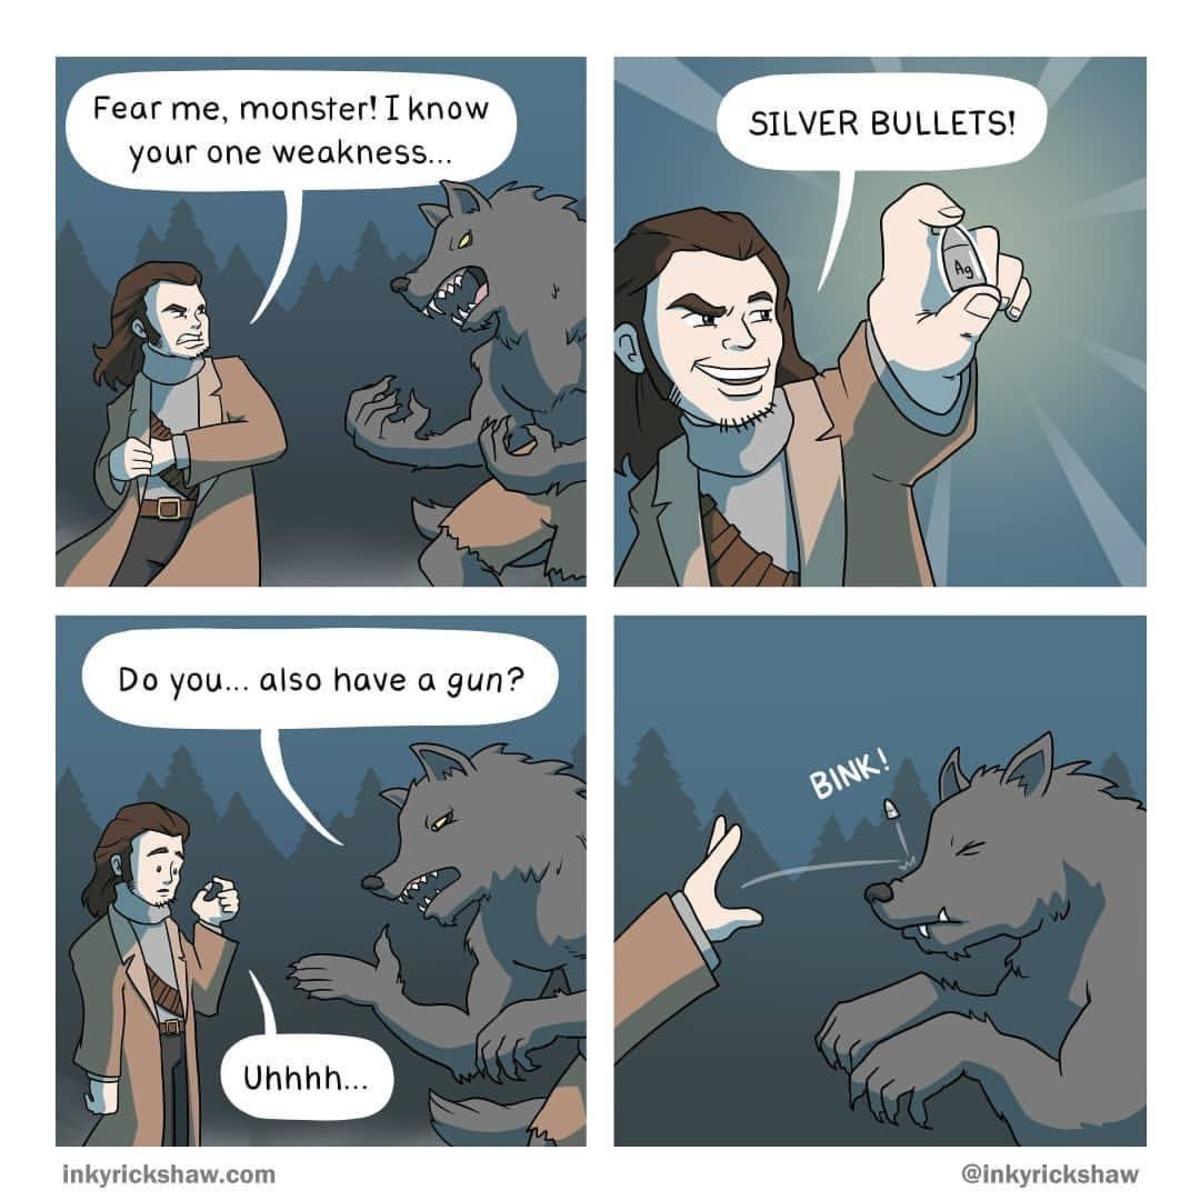 registering Spider. .. No bulli werewuff